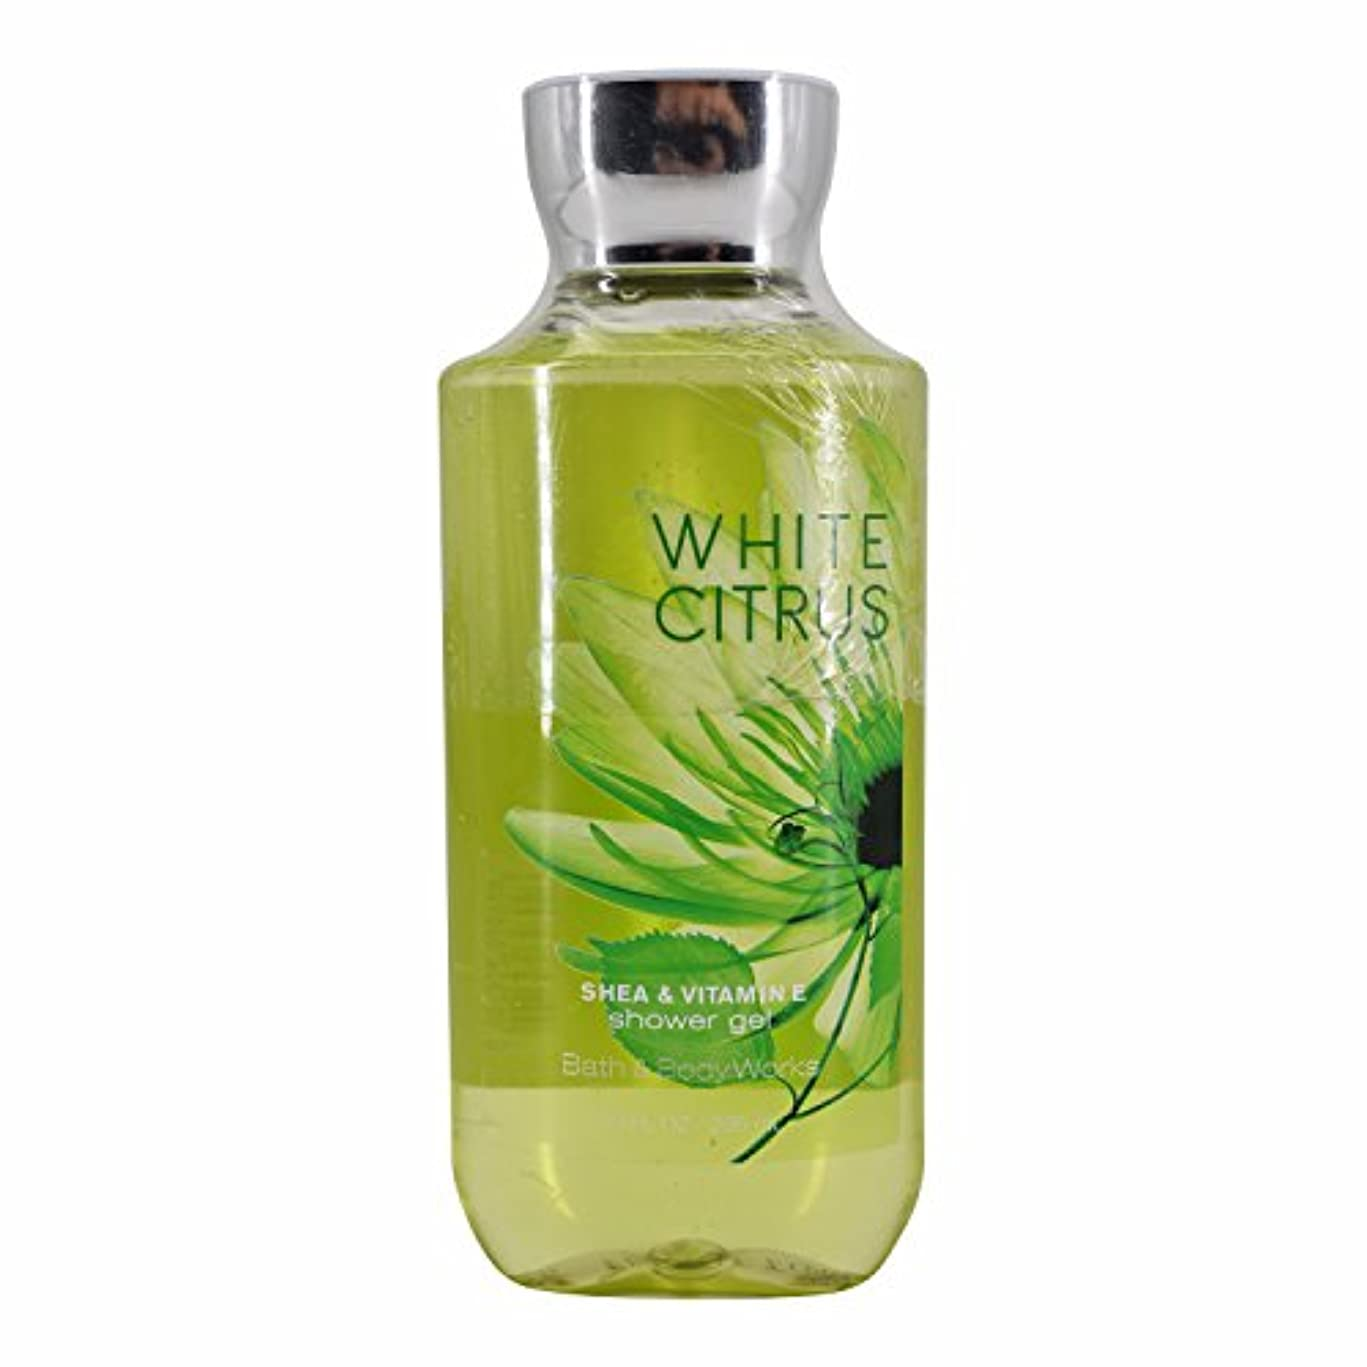 雇ったフェリーラリーバス&ボディワークス ホワイトシトラス シャワージェル White Citrus Shea & Vitamin-E Shower Gel